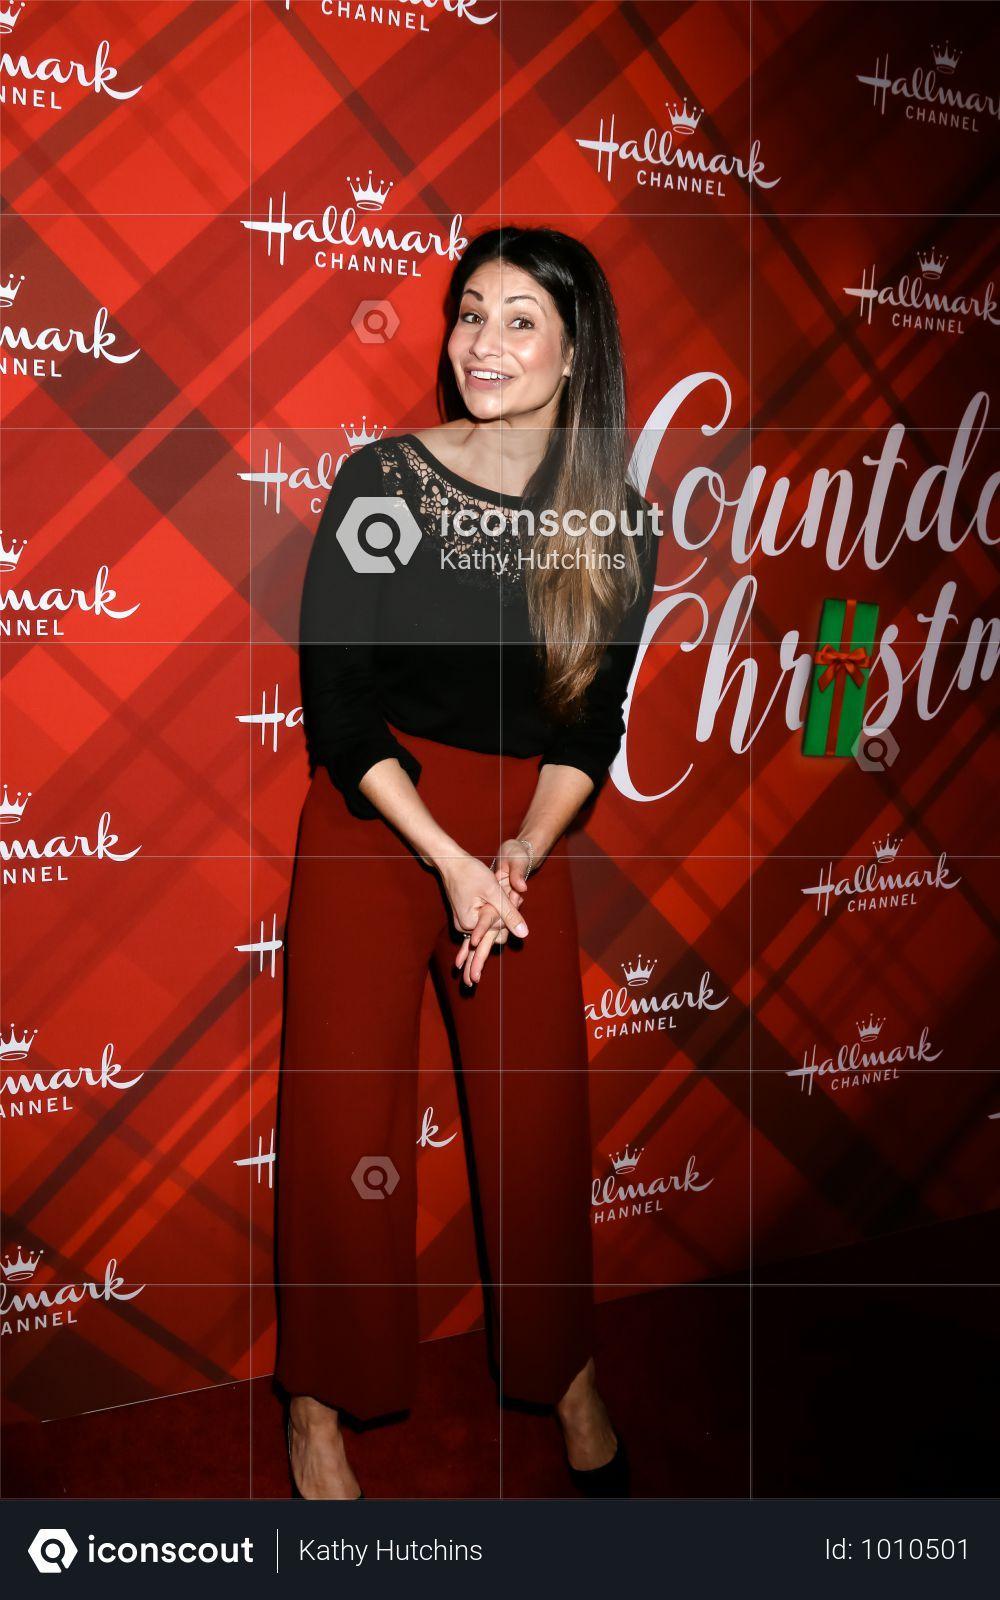 Usa Christmas At Holly Lodge Screening Los Angeles Photo Gina Rodriguez Photo 3d Illustration